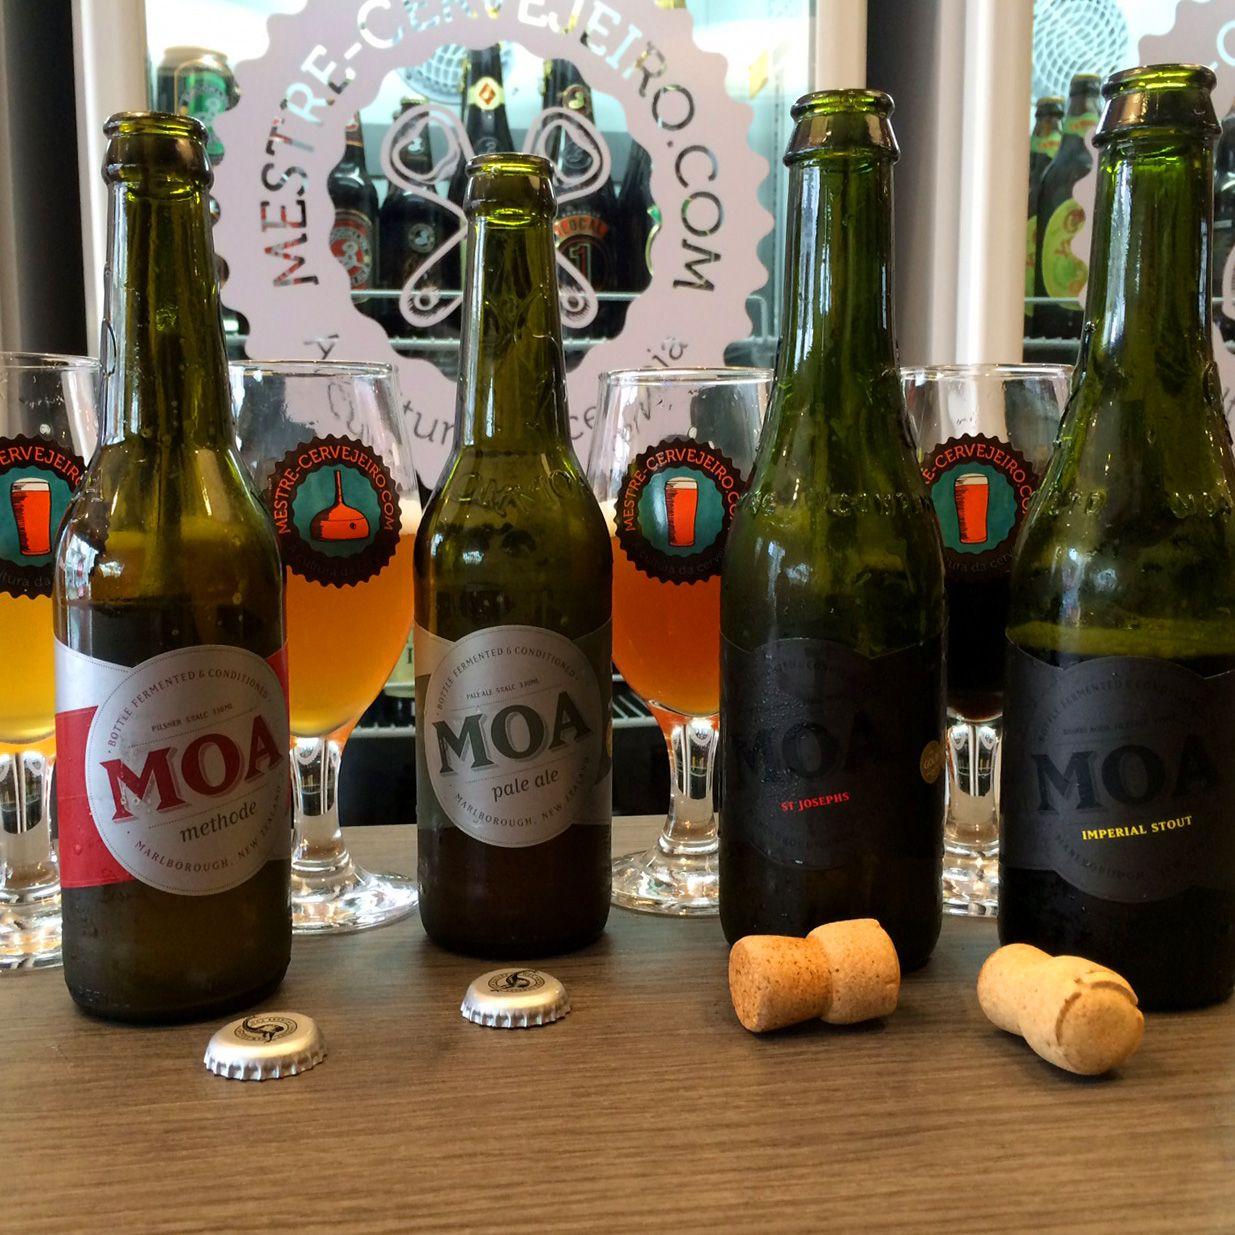 Episódio 119 - Novas cervejas: Moa da Nova Zelândia – Episódio 119 #cerveja #degustacao #beer #tasting